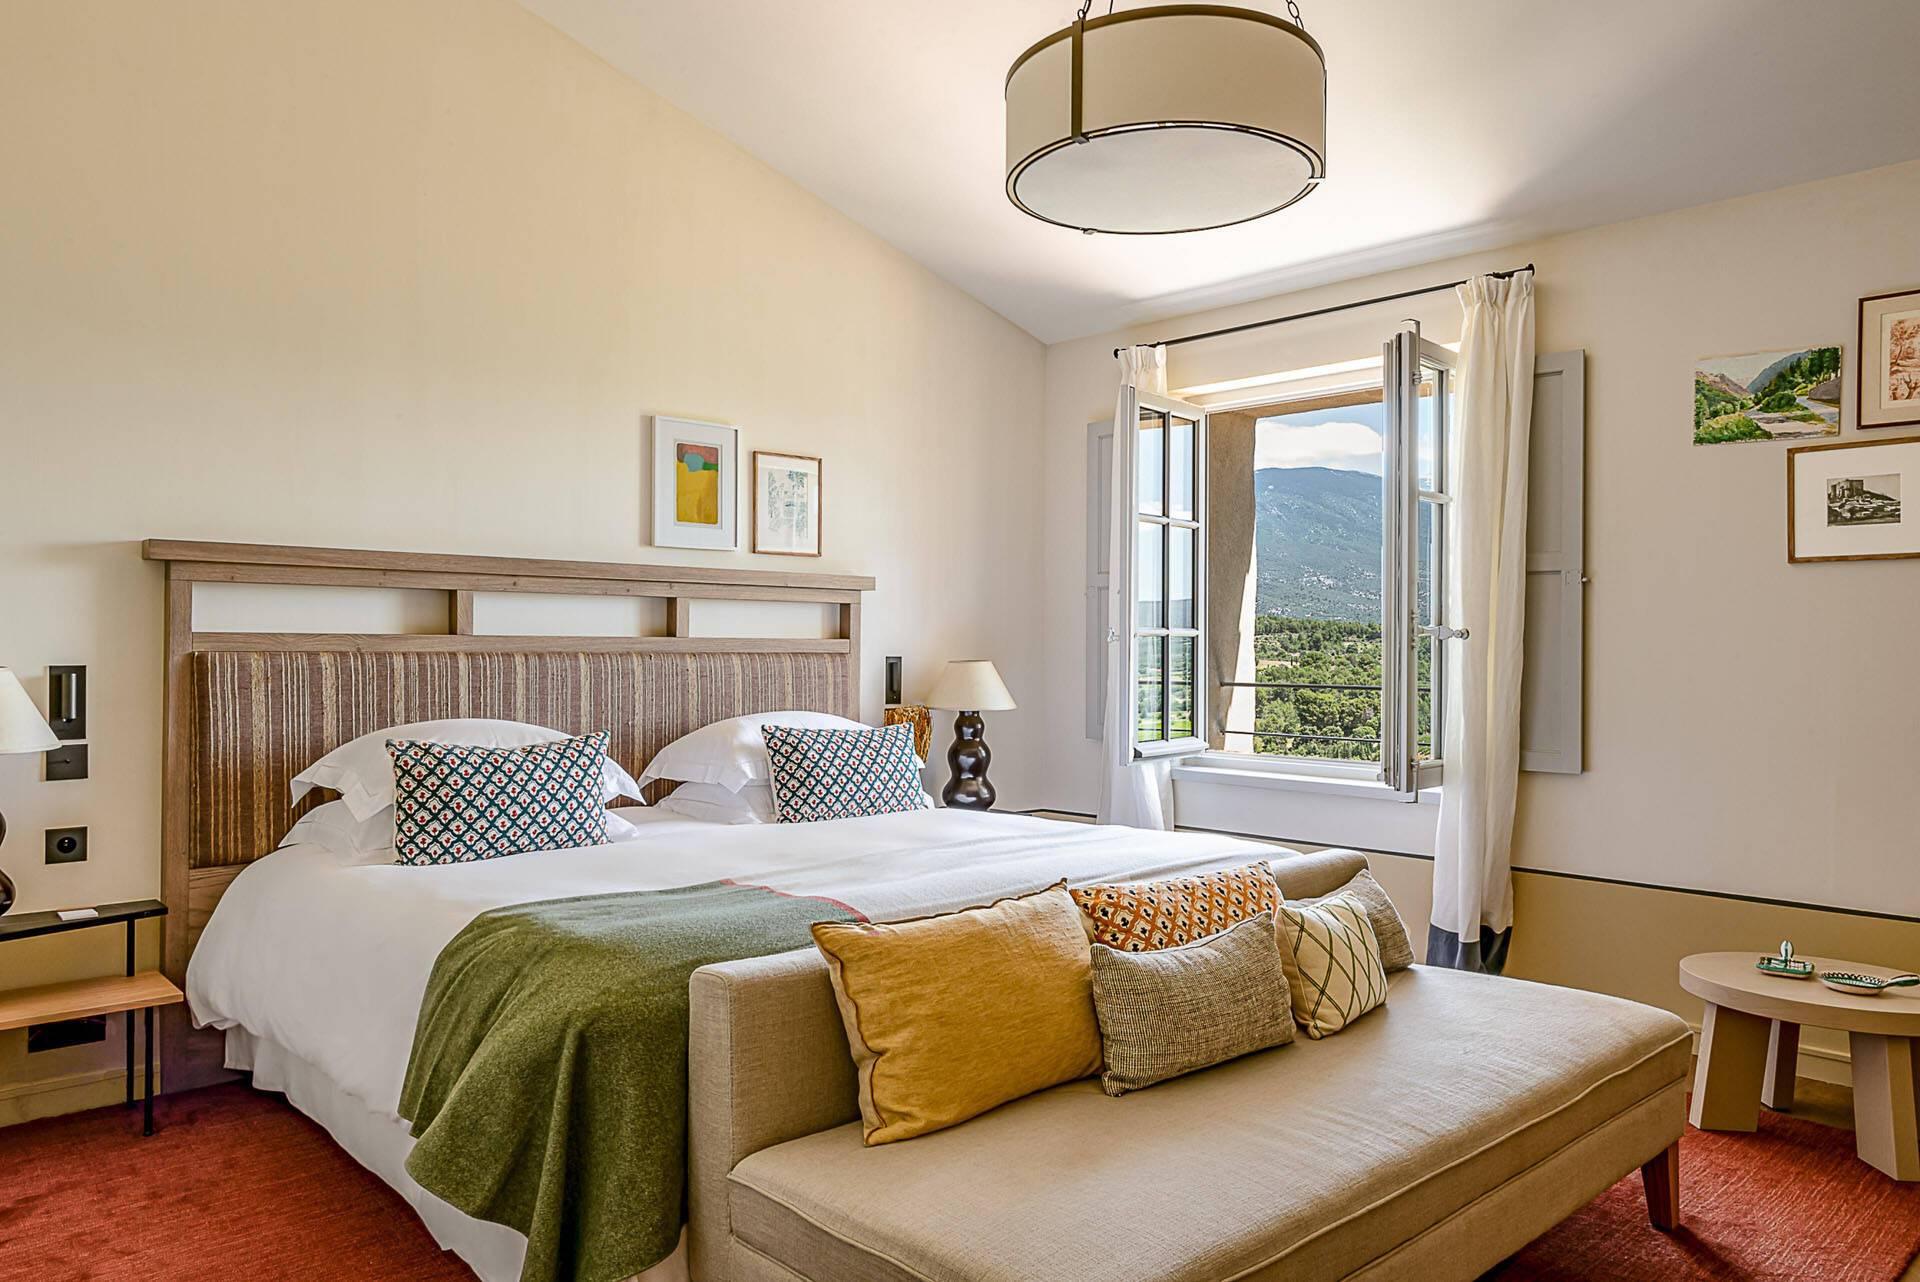 Hotel Crillon Le Brave Provence P Locqueneux Chambre